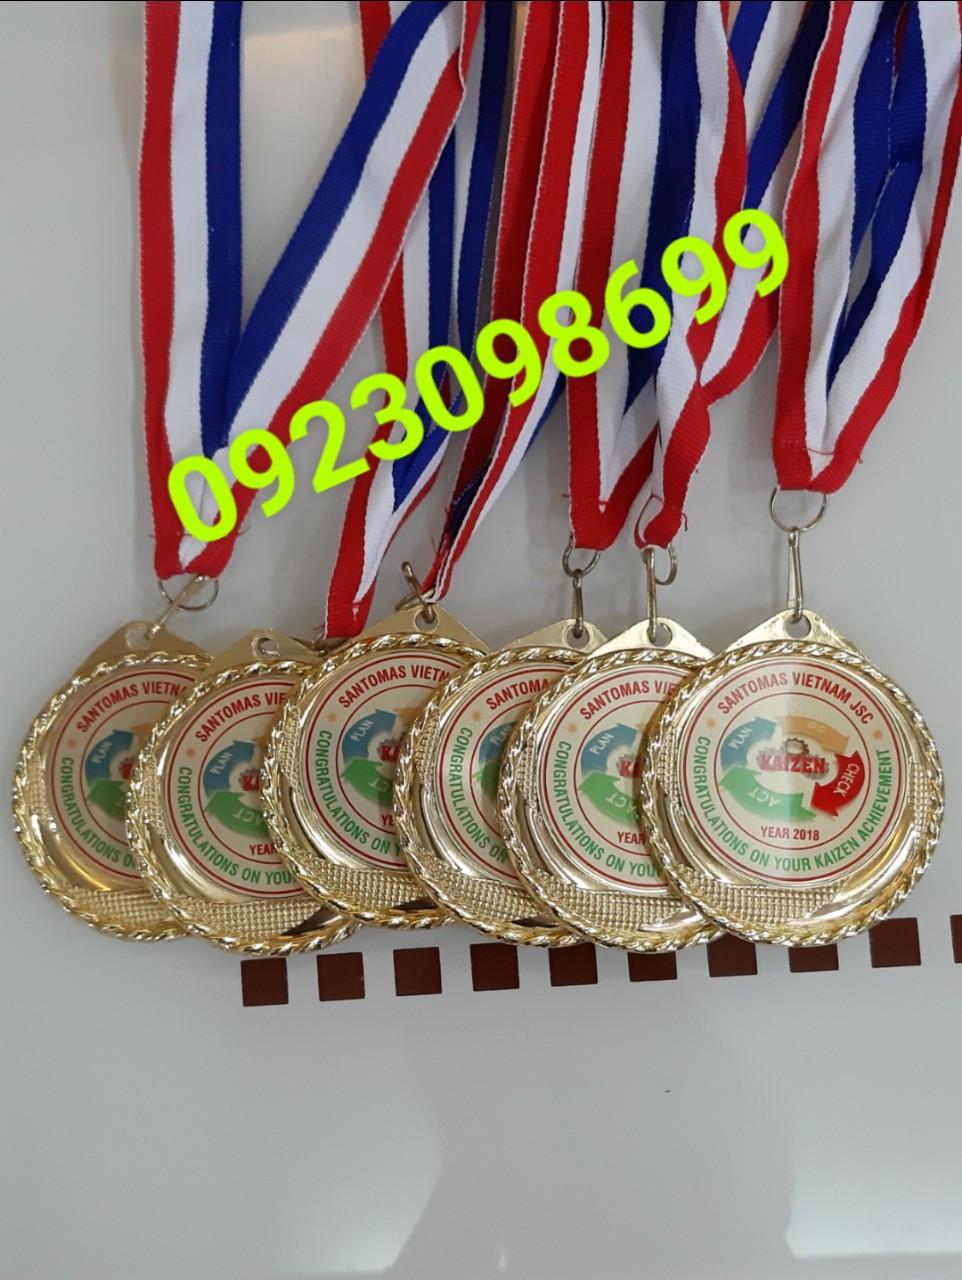 nhận làm huy chương. huy chươngmạ vàng. huy chương ăn mòn. đúc nổi huy chương